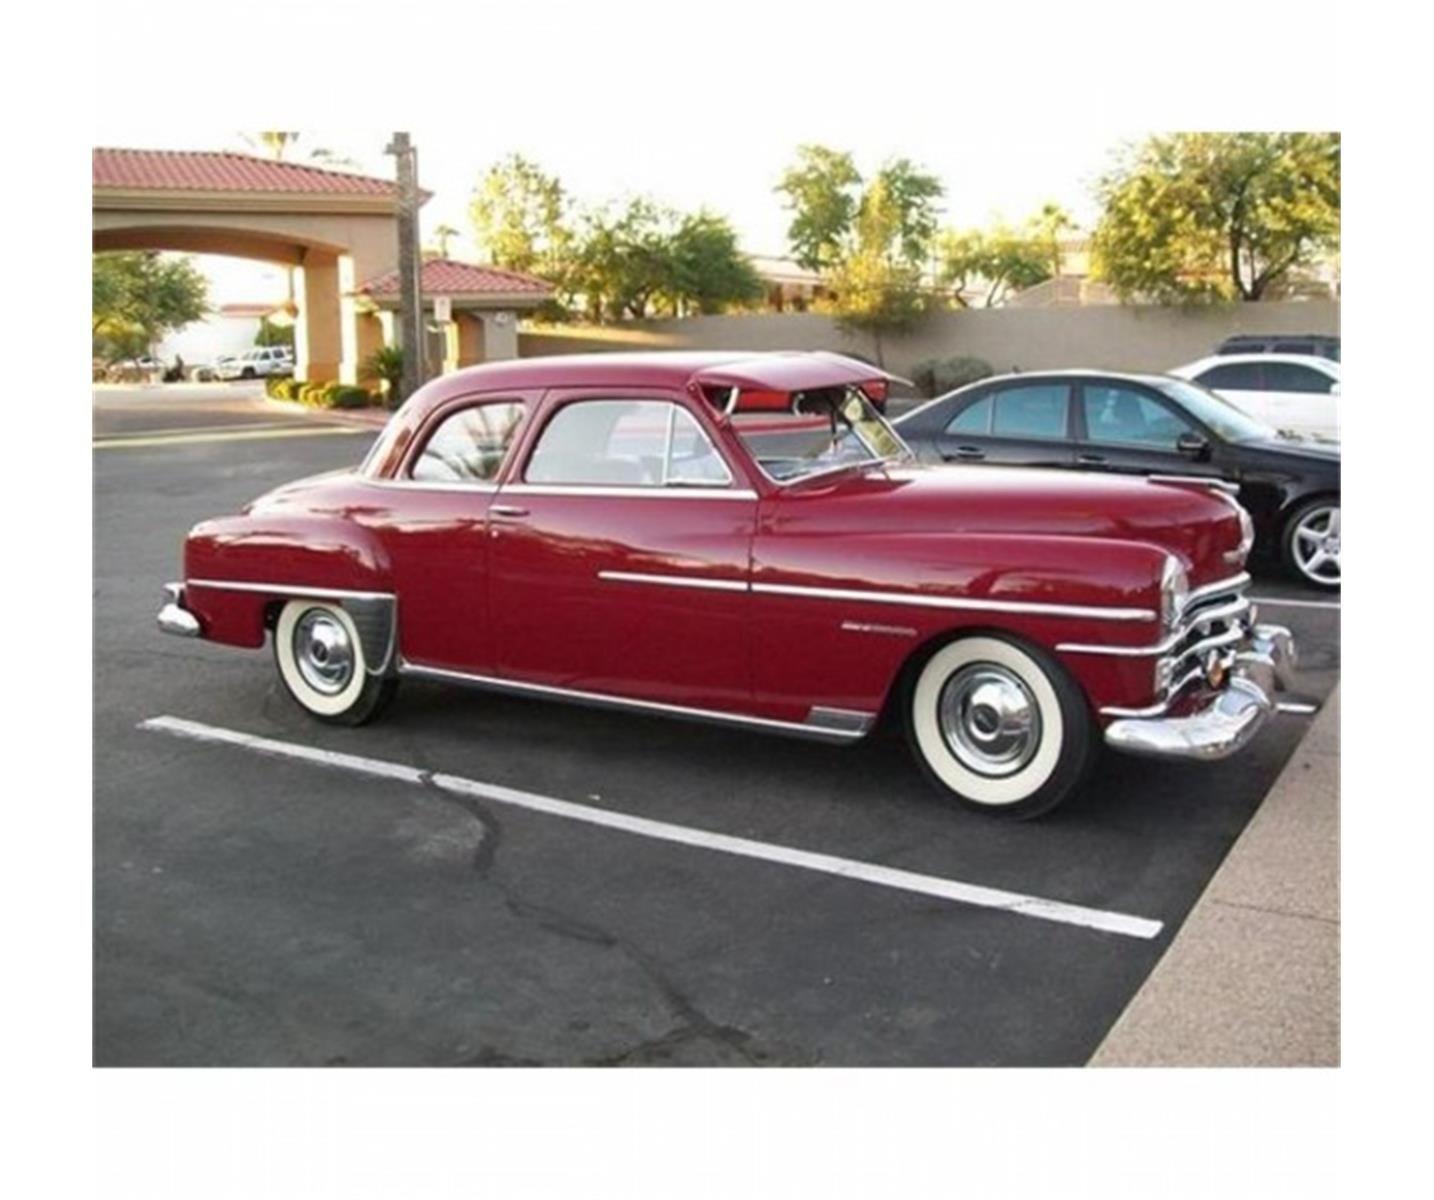 1950 Chrysler Windsor Highlander Chrysler Windsor Peoria